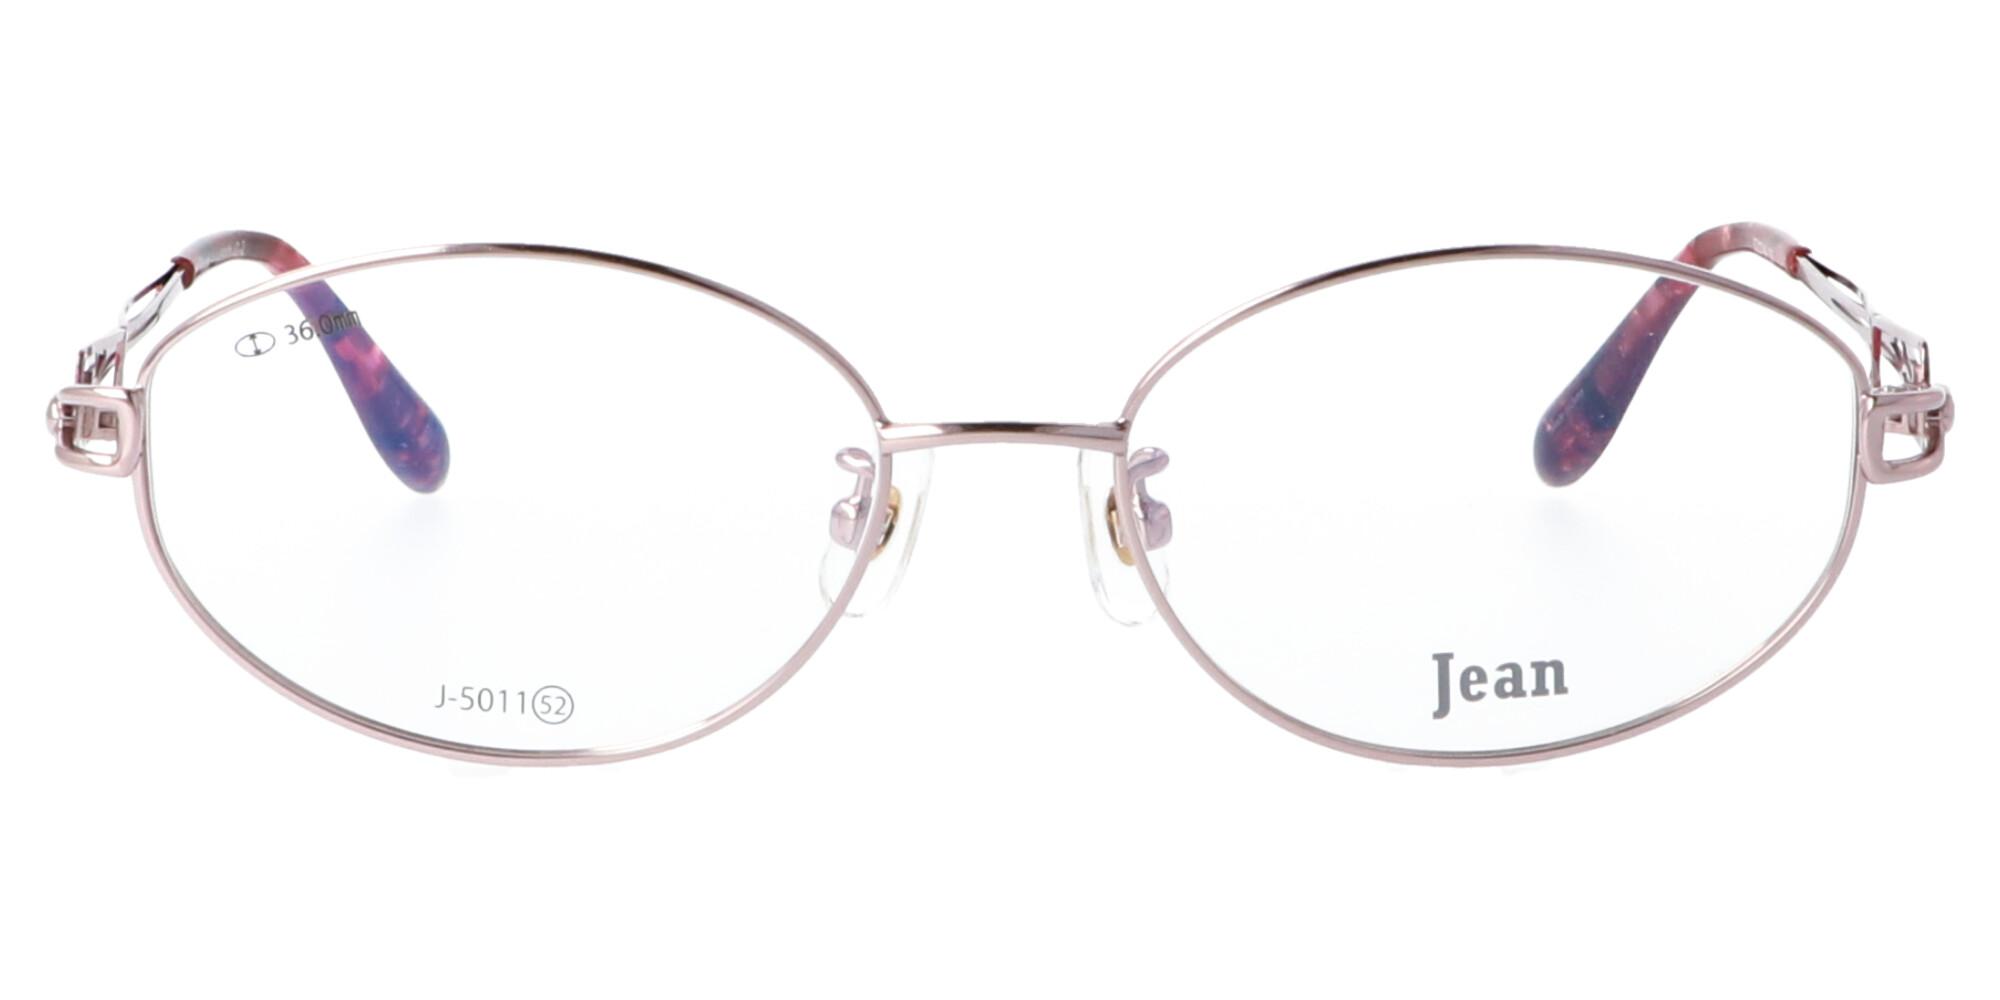 ジーン J5011_52_ピンク